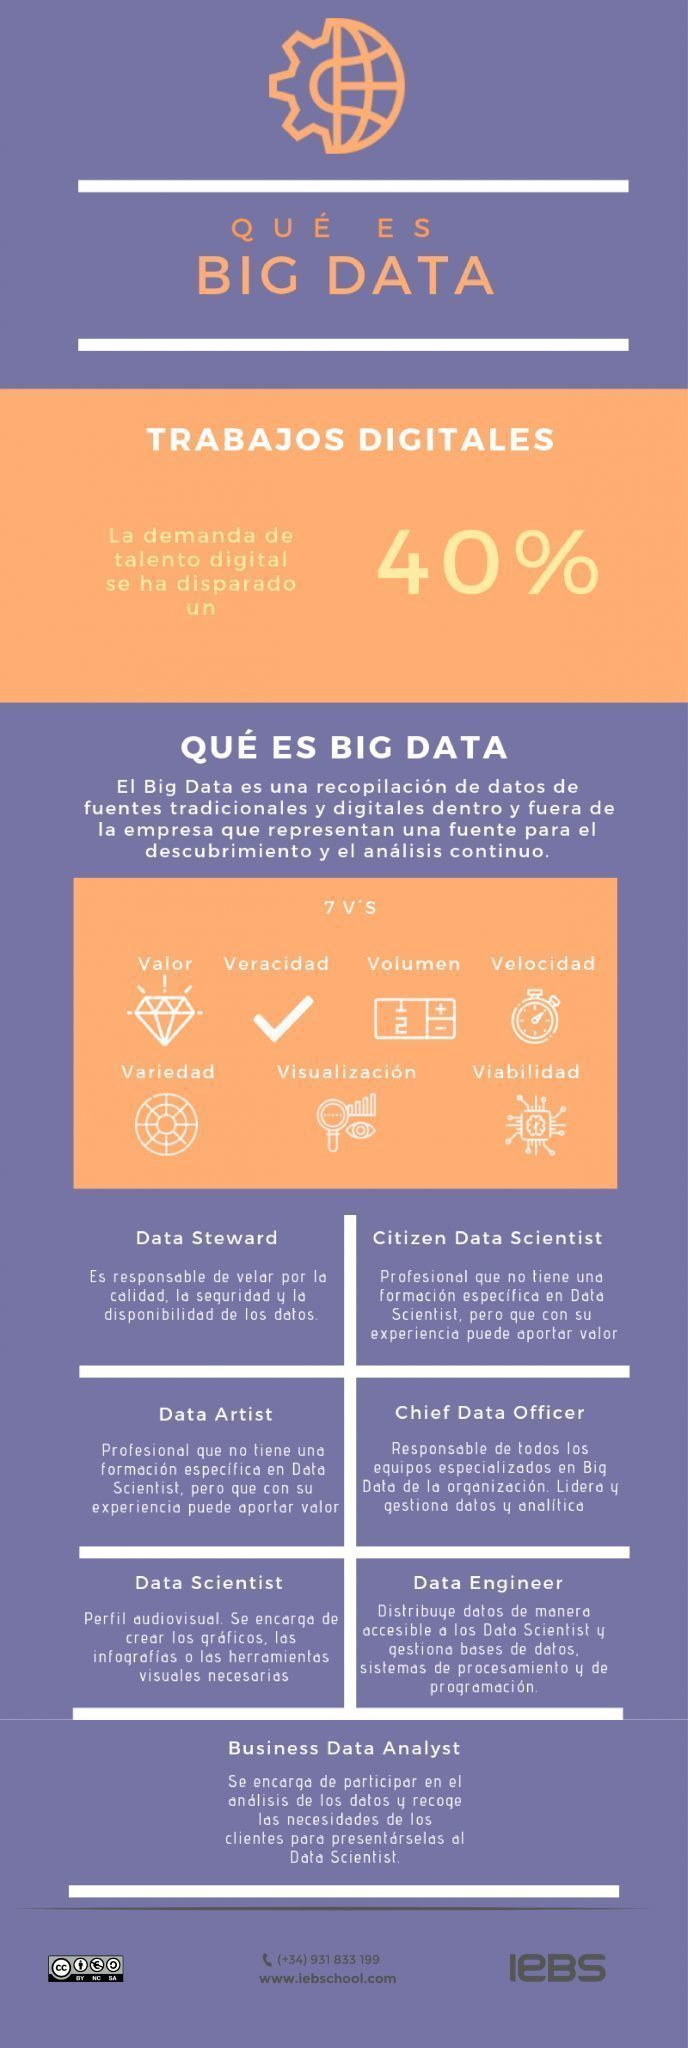 infografía qué es Big Data